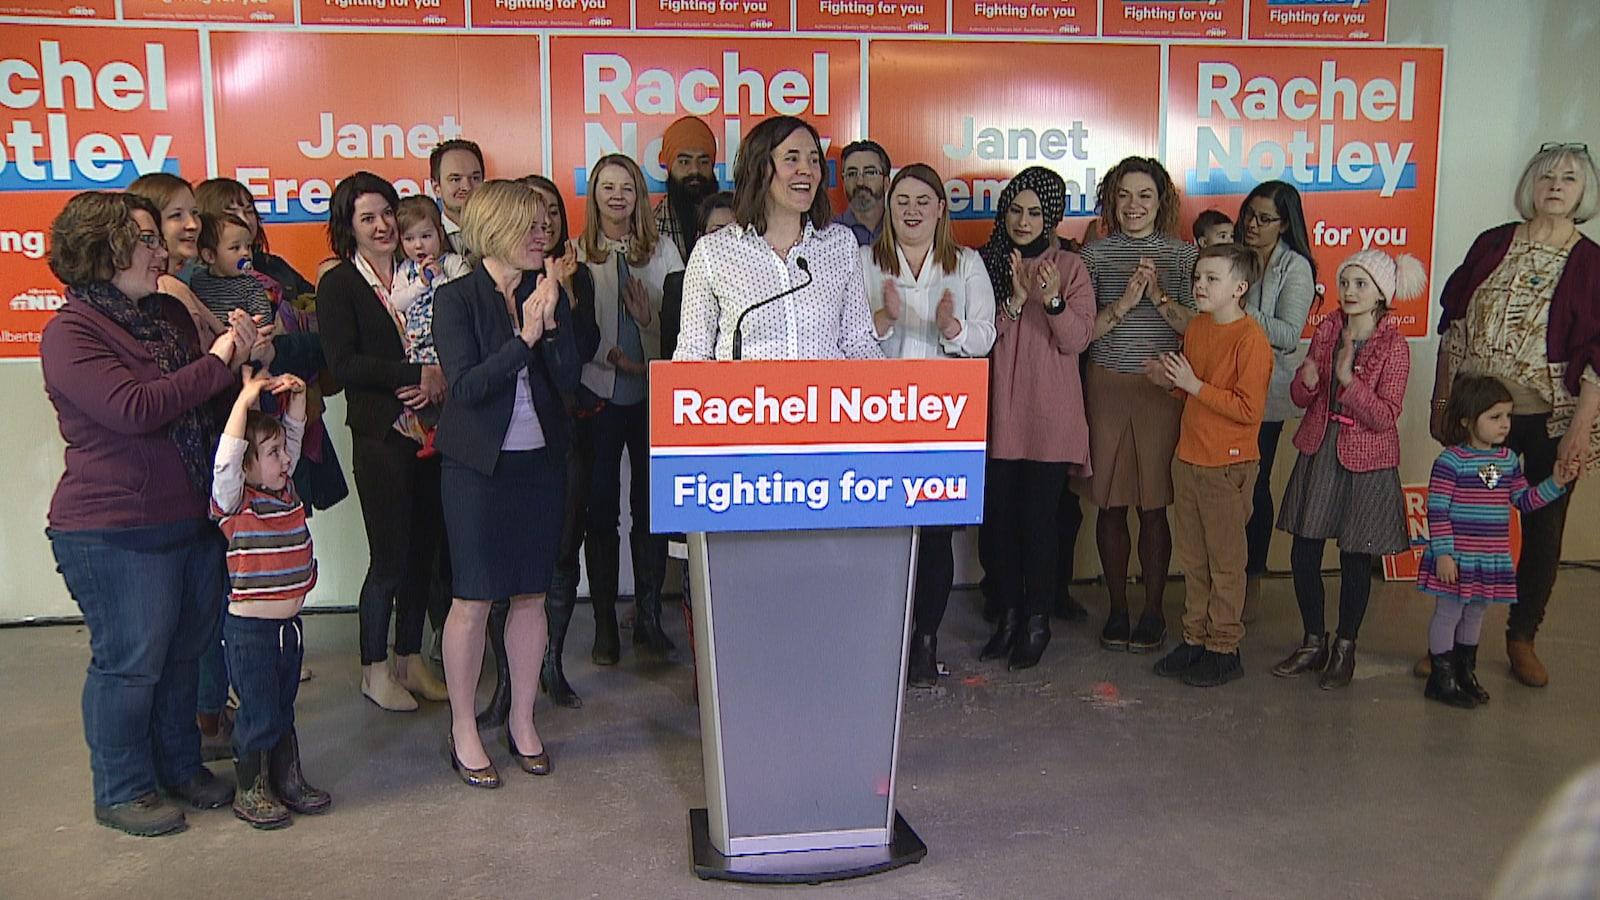 La candidate Janet Eremenko est entourée de Rachel Notley et d'une dizaine de femmes et d'enfants, devant des pancartes électorales.